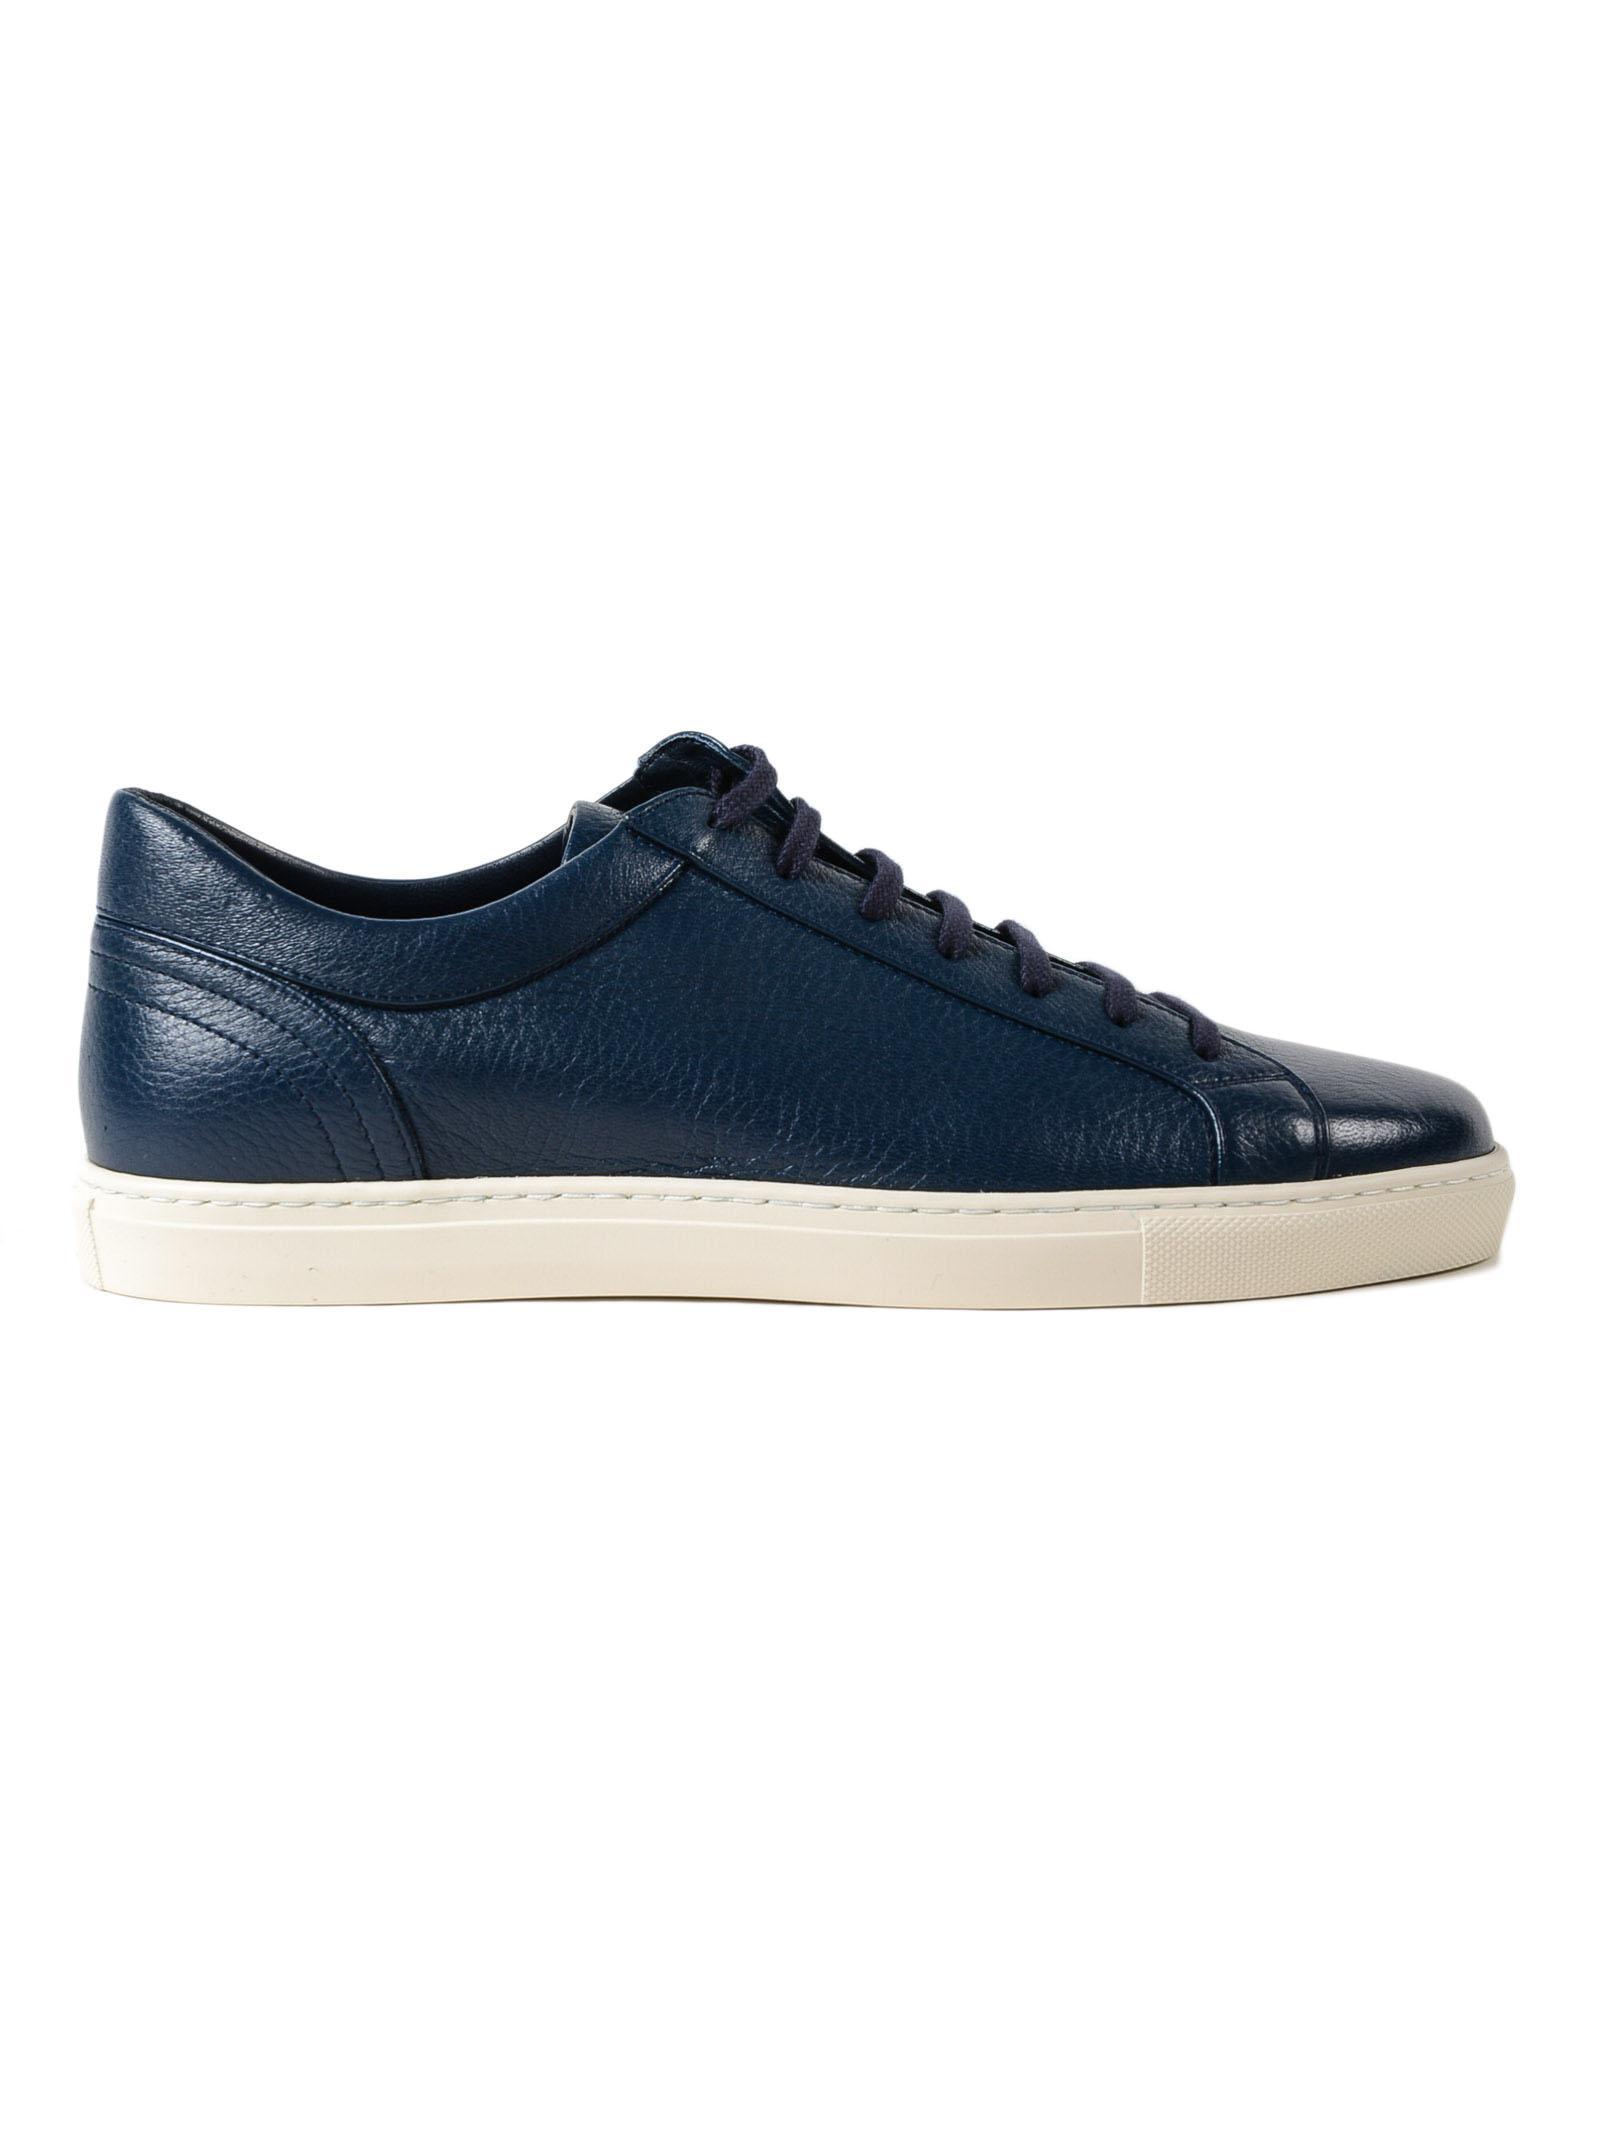 FOOTWEAR - Low-tops & sneakers Moreschi jBFhk